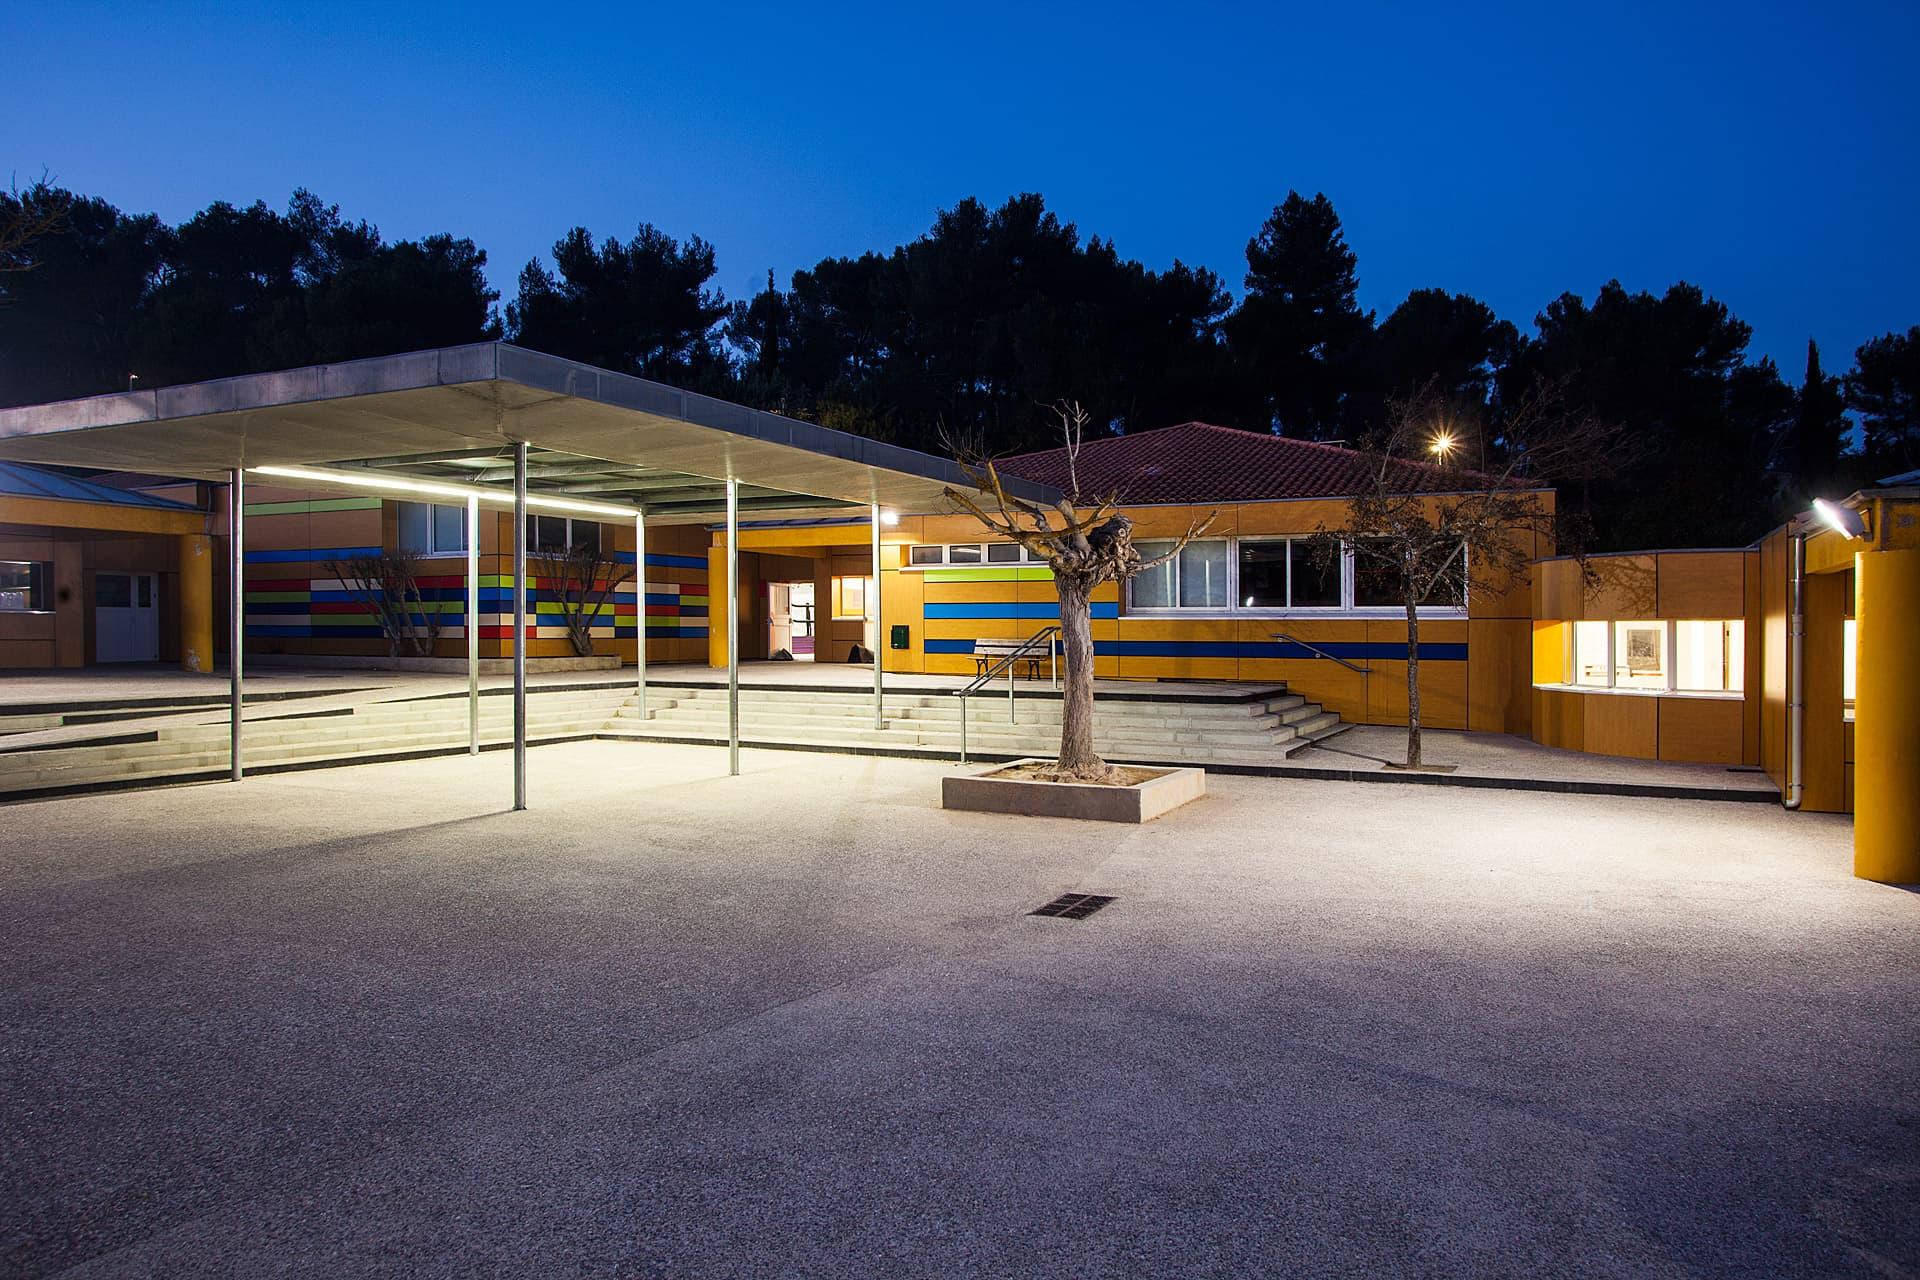 Eclairage de nuit de la cours de L'école ouvriere